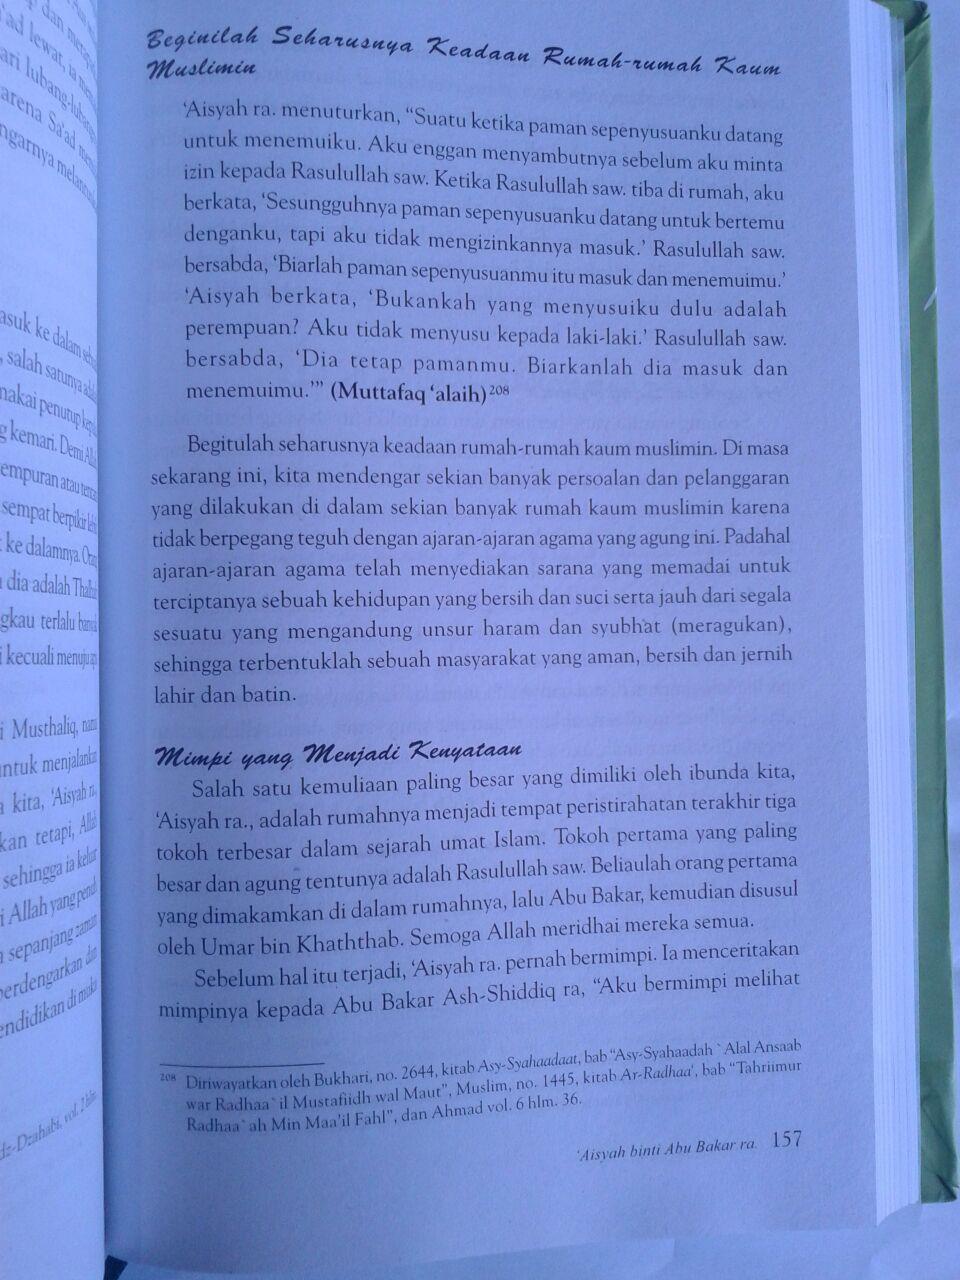 Buku 35 Sirah Shahabiyah 35 Sahabat Wanita Rasulullah 2 Jilid isi 3